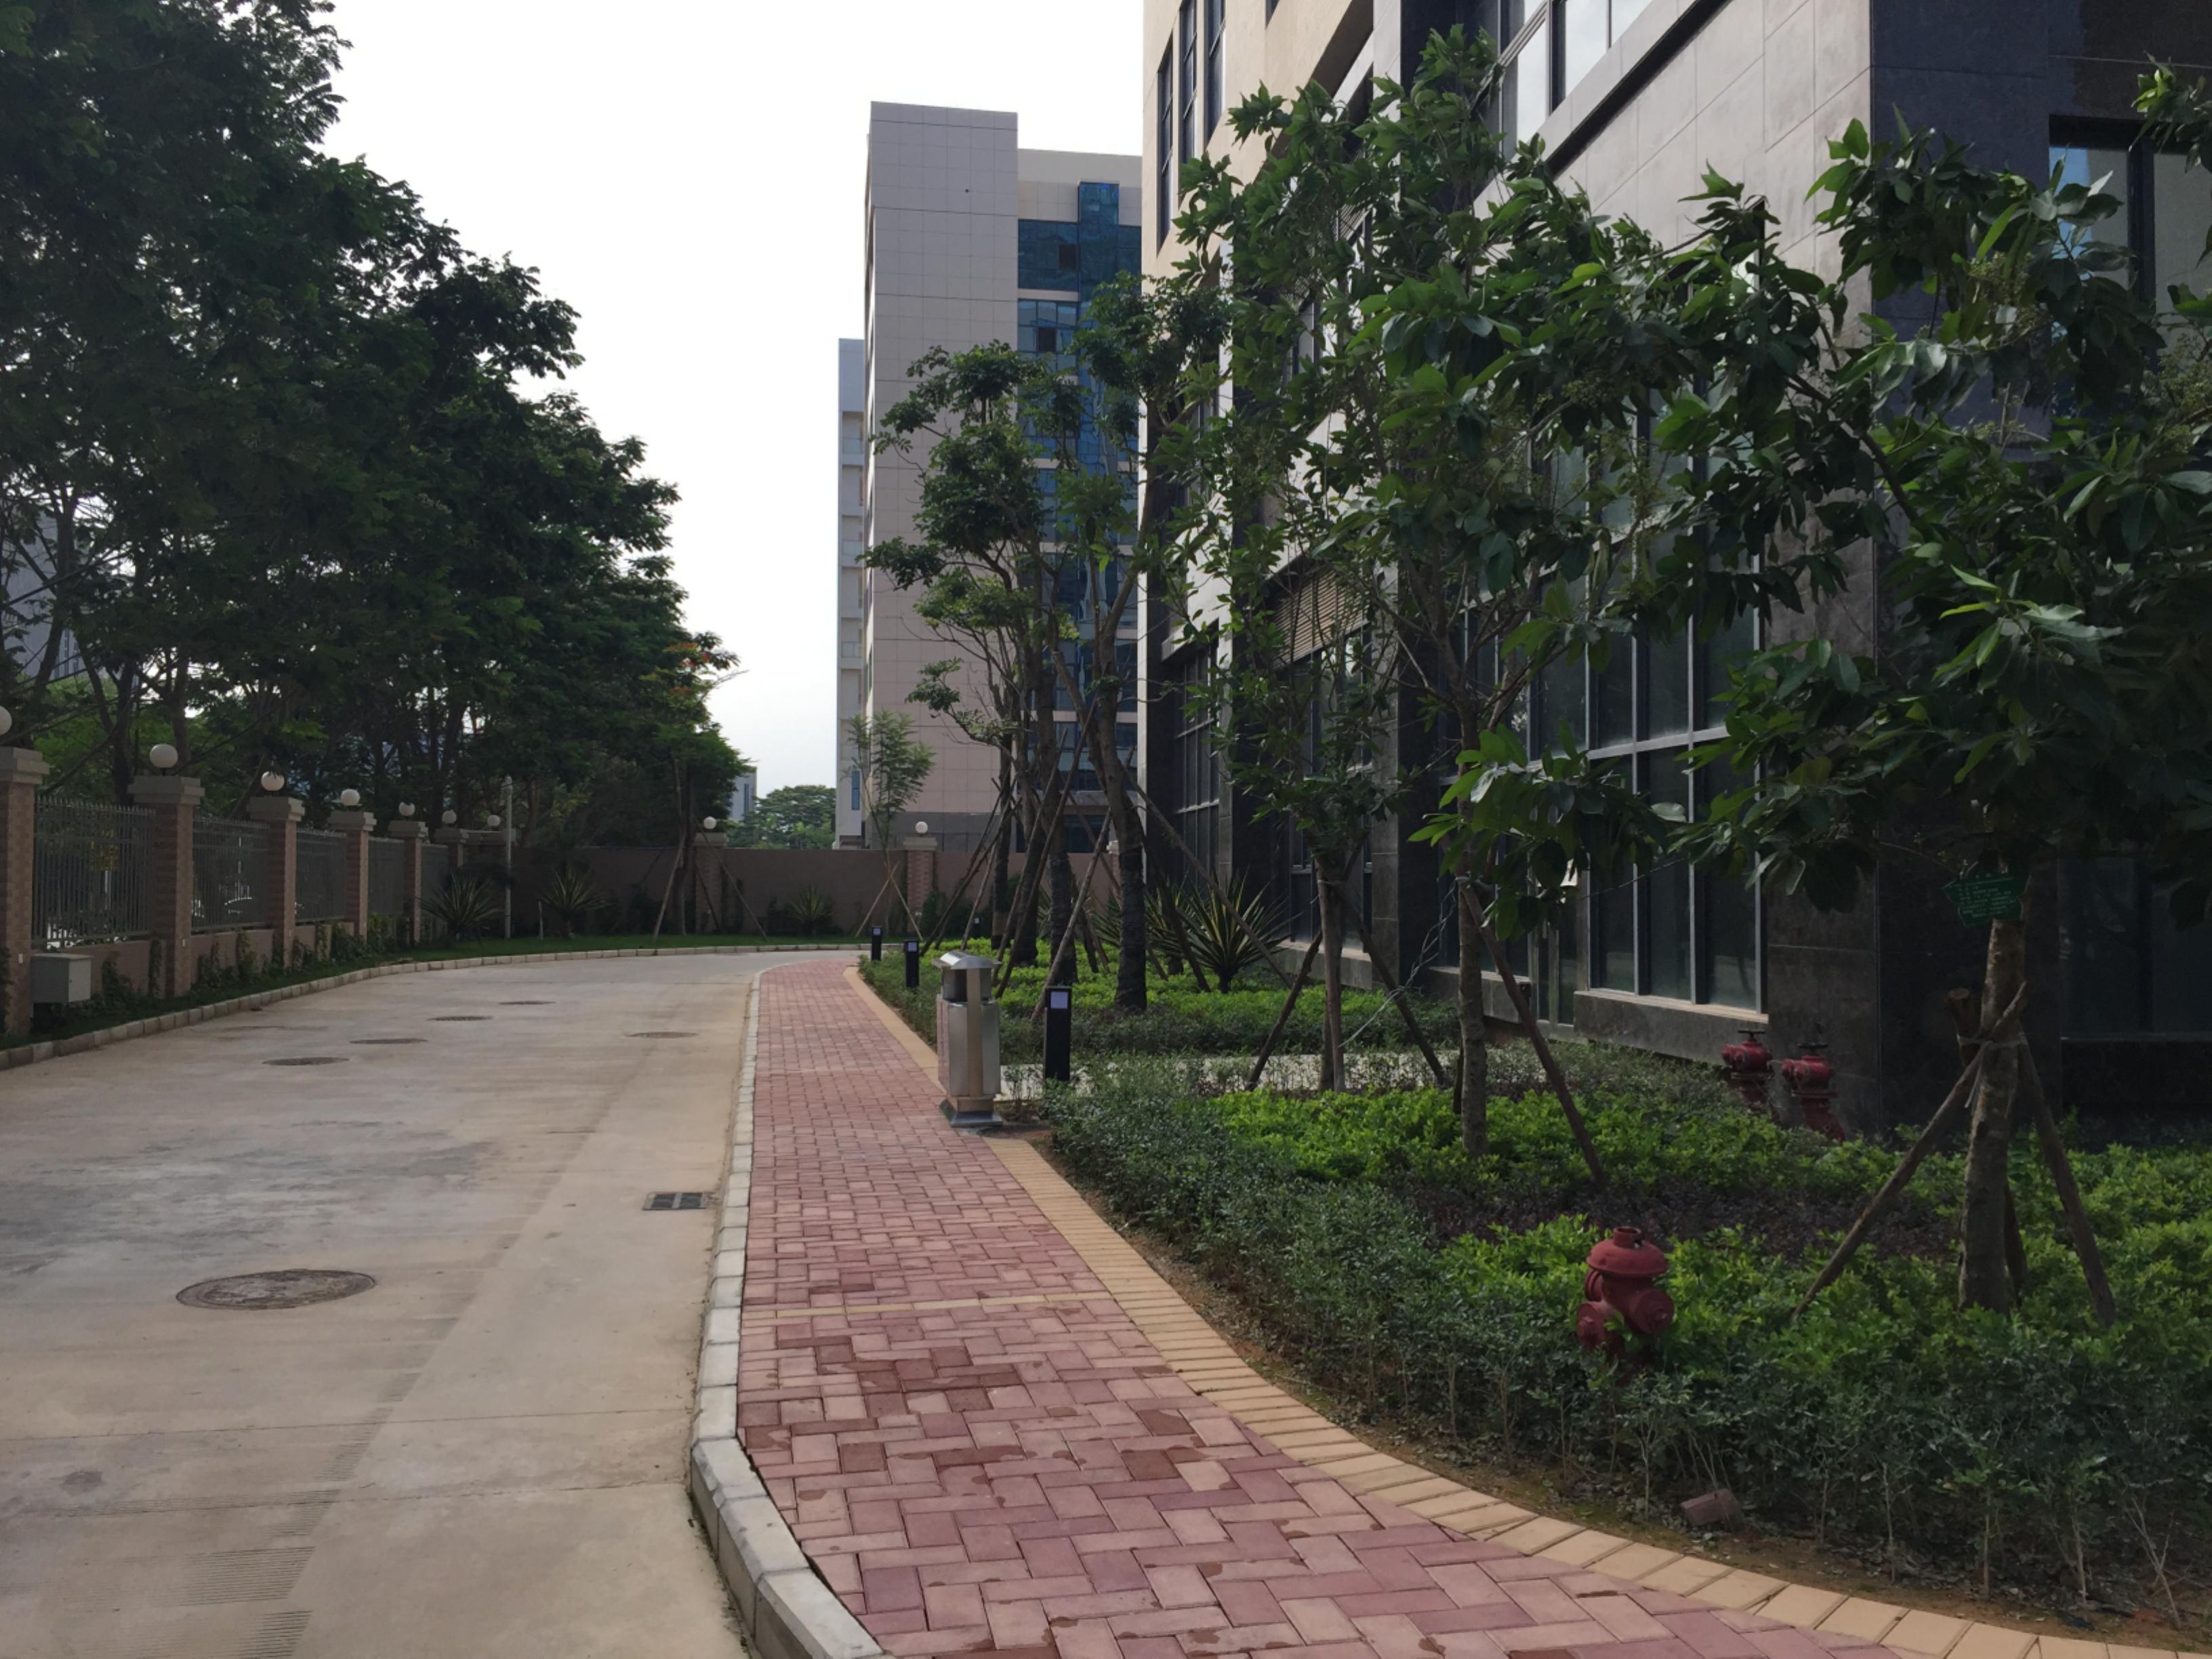 深圳市新产业生物医学工程工业区绿化